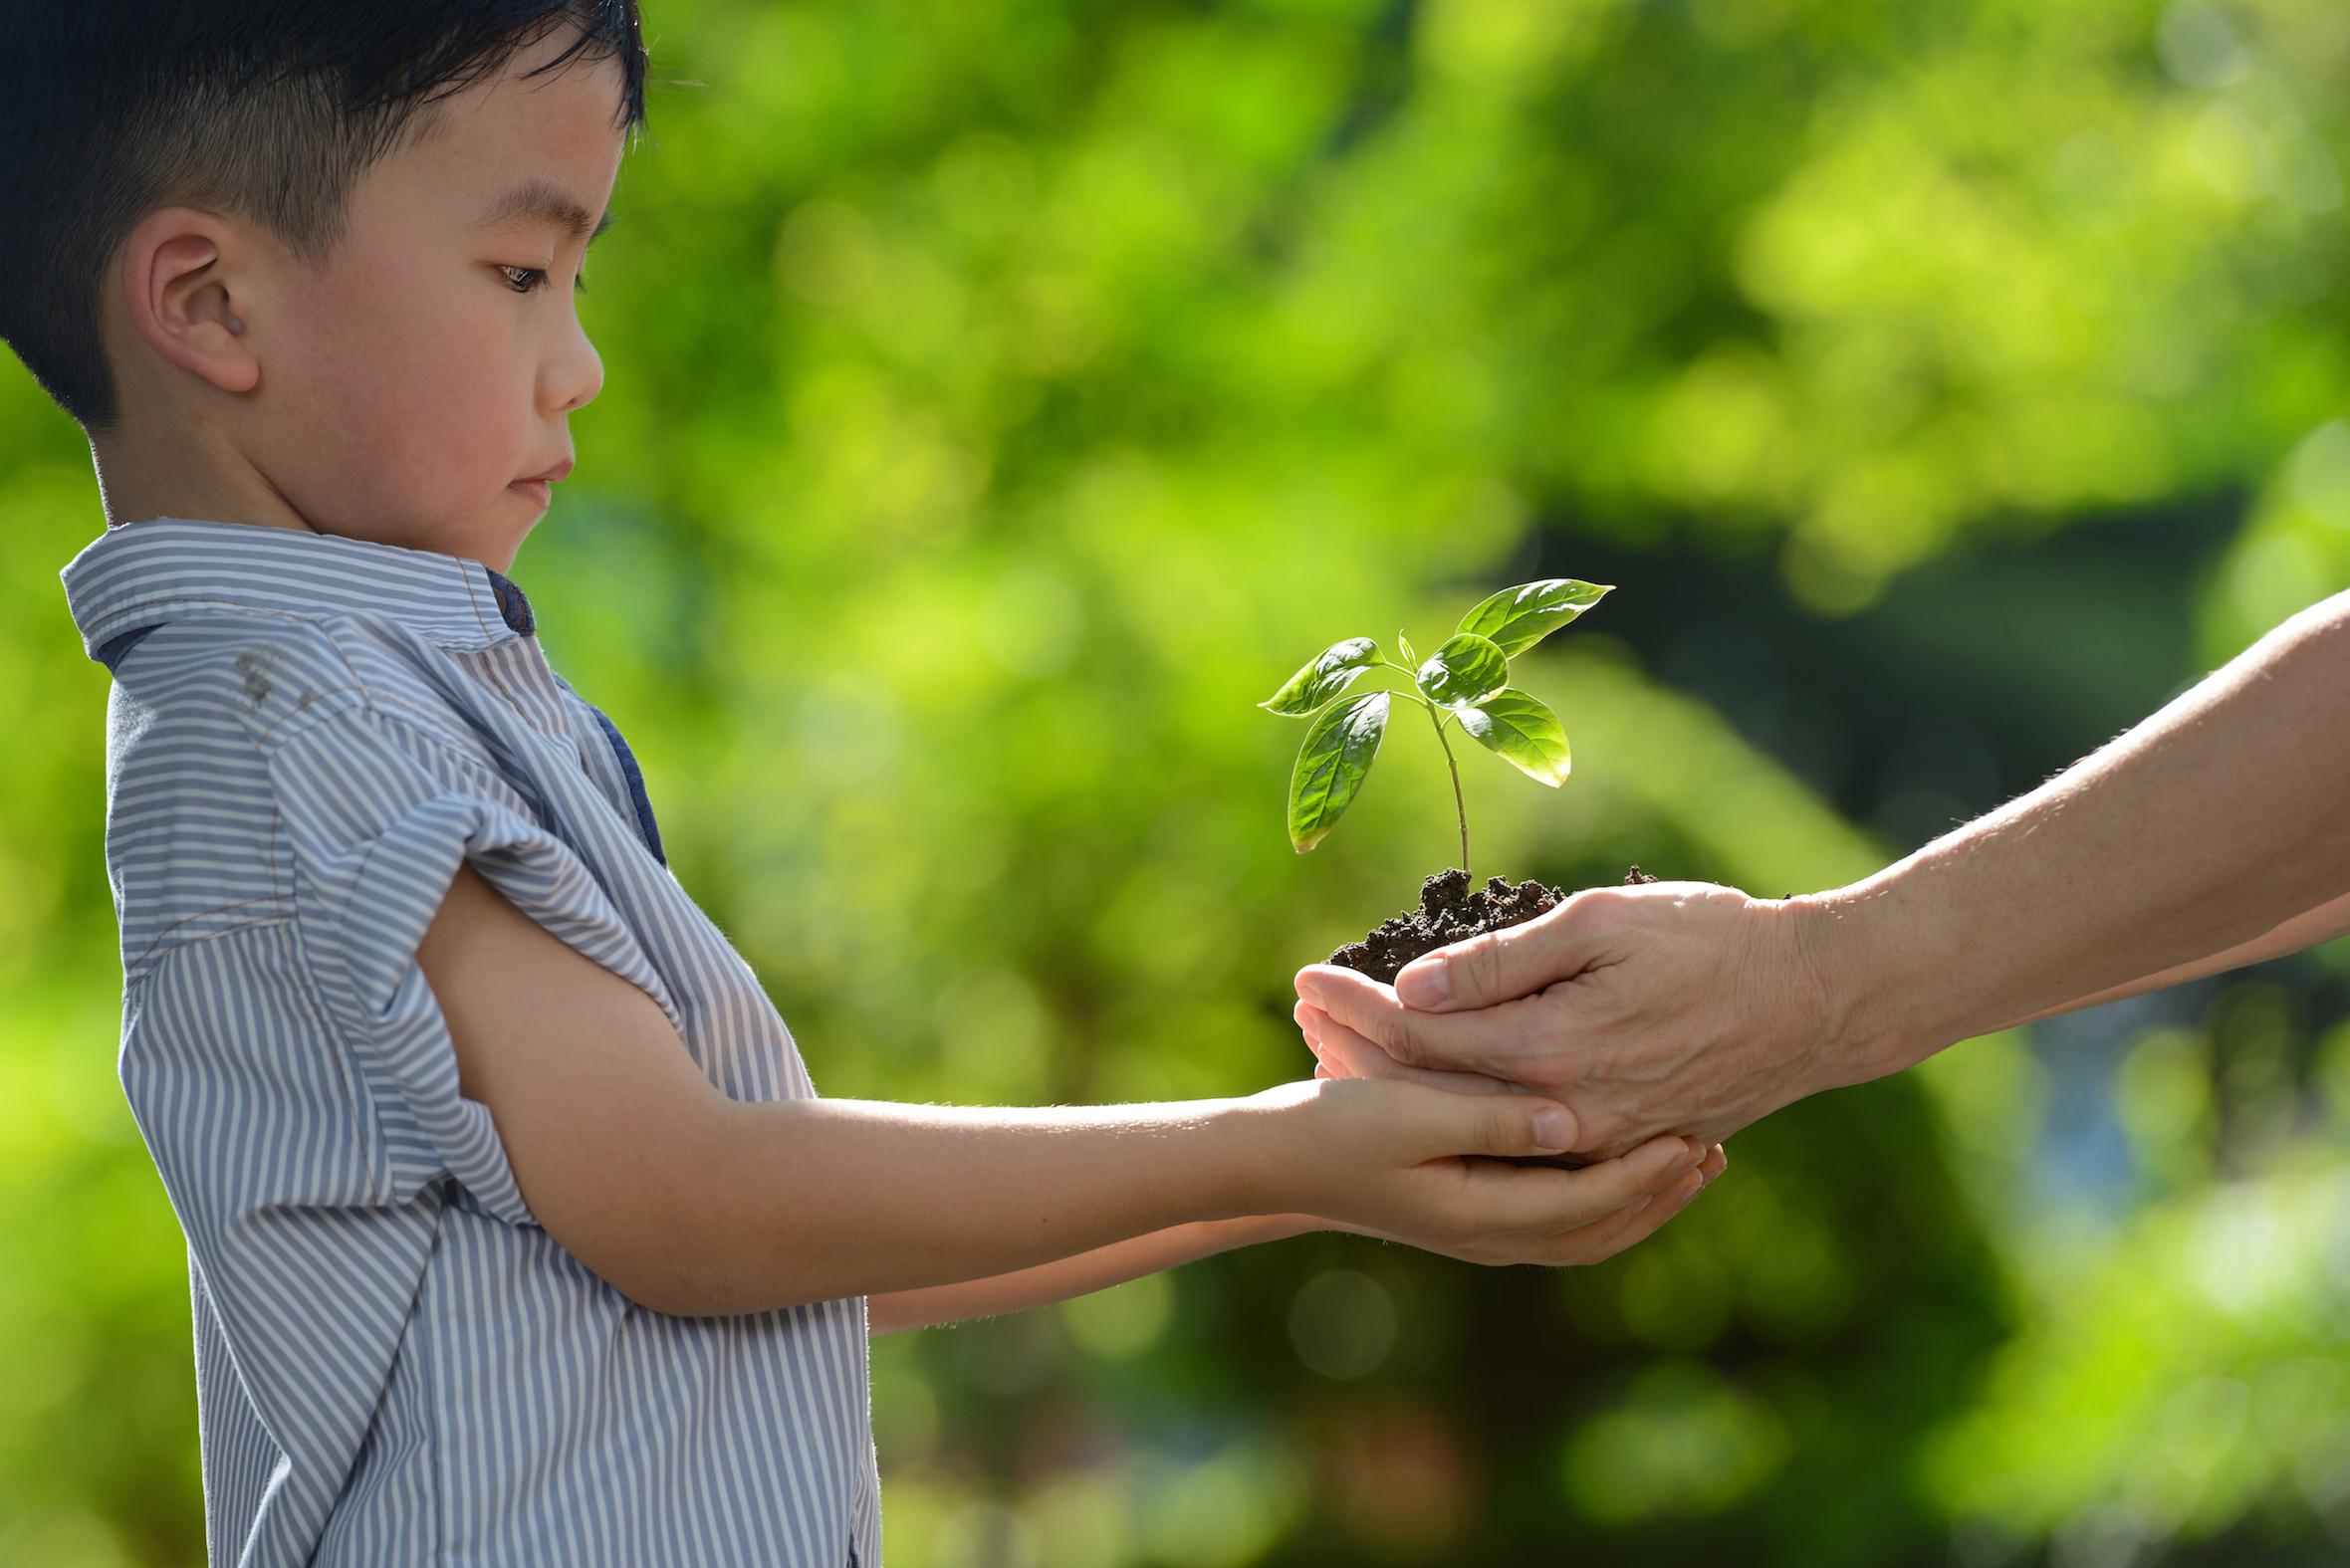 niño-recibe-en-sus-manos-pequeño-arbol-para-plantar